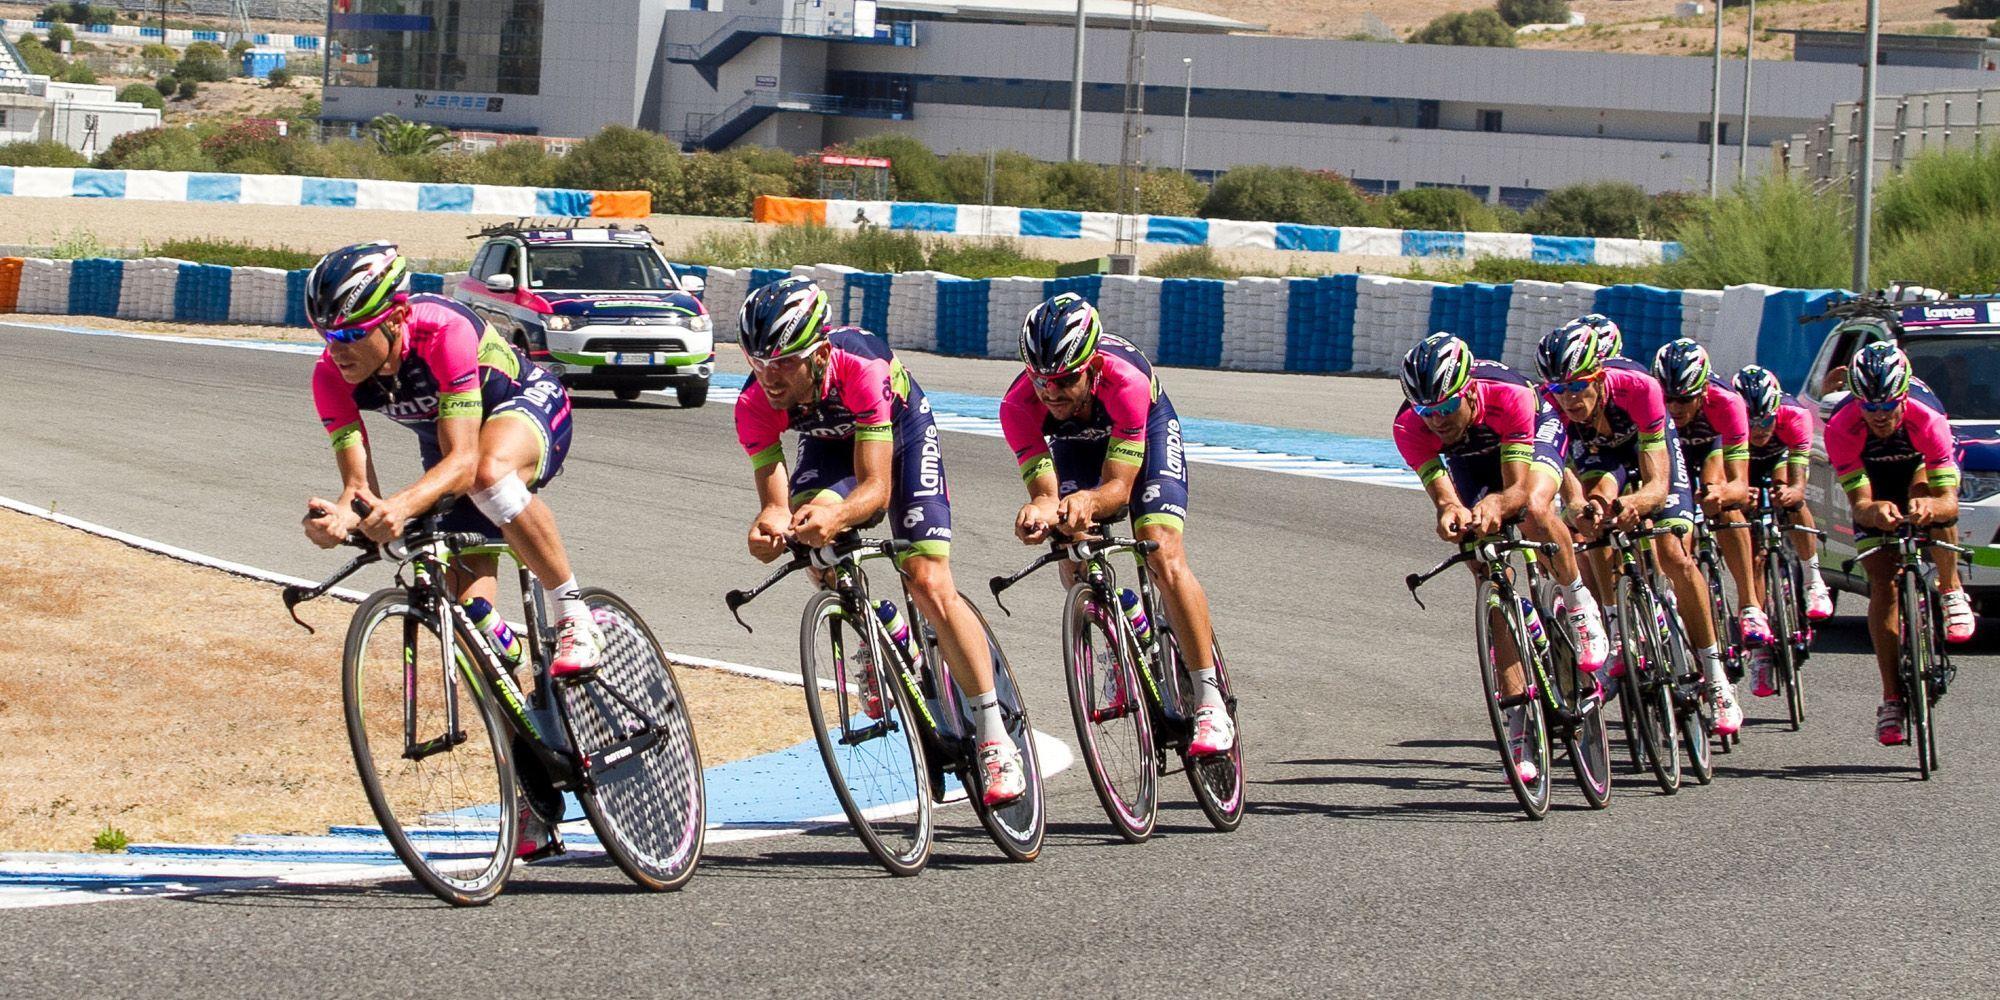 Imagen de un equipo profesional de ciclismo rodando en la pista jerezana con ocasión de la Vuelta Ciclista a España 2014